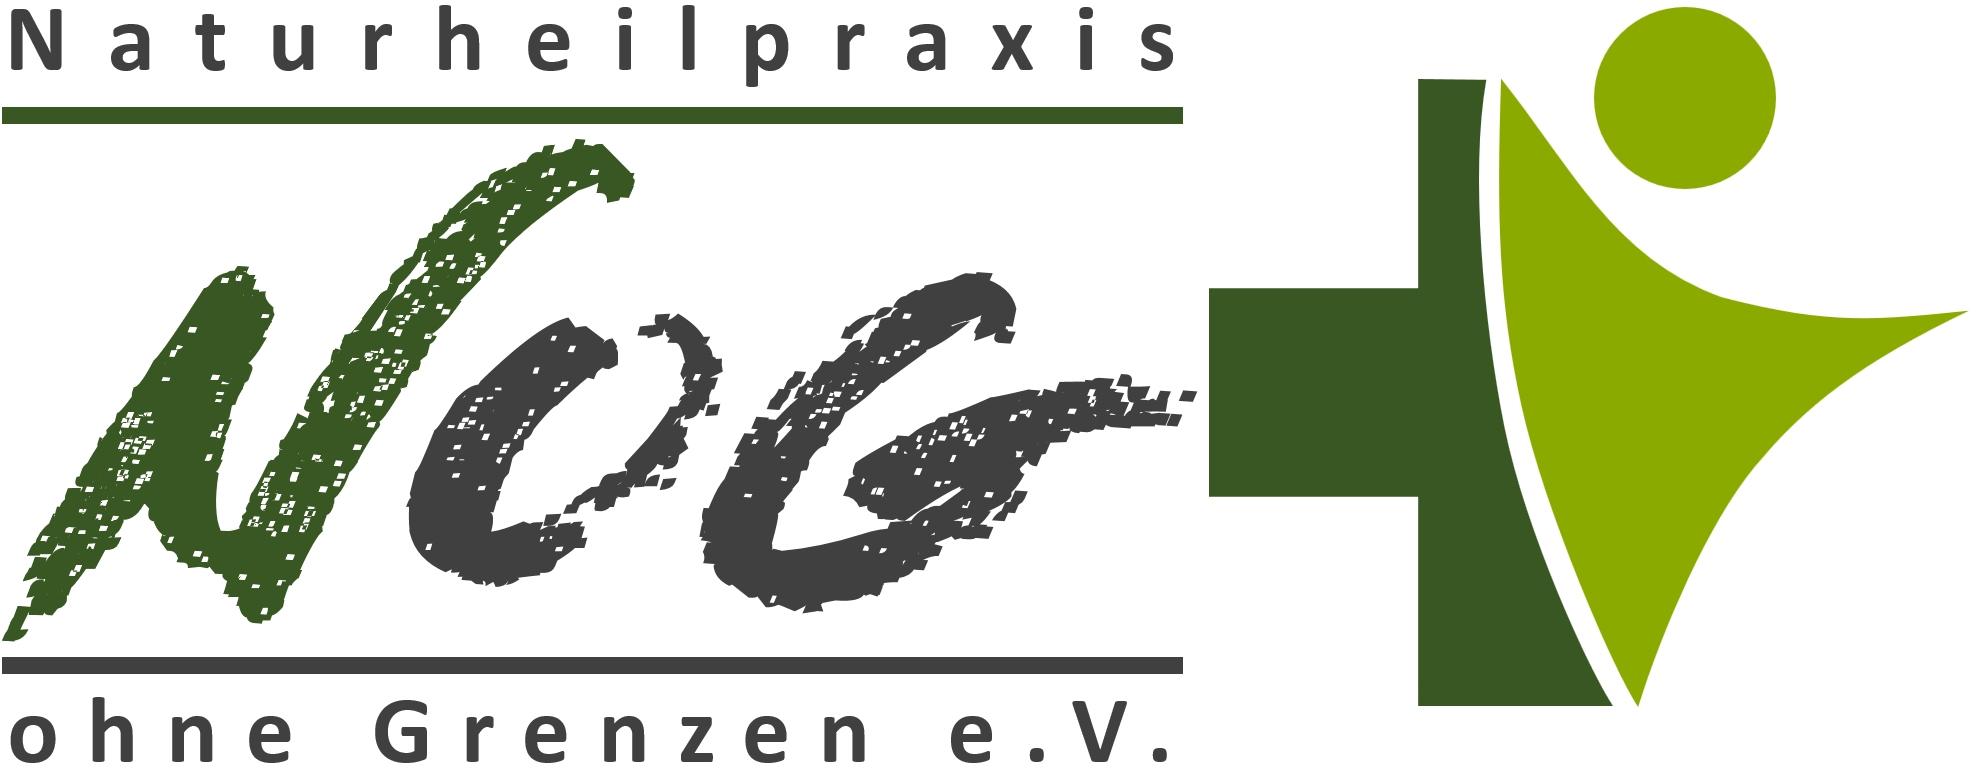 Logo des Vereins Naturheilpraxis ohne Grenzen